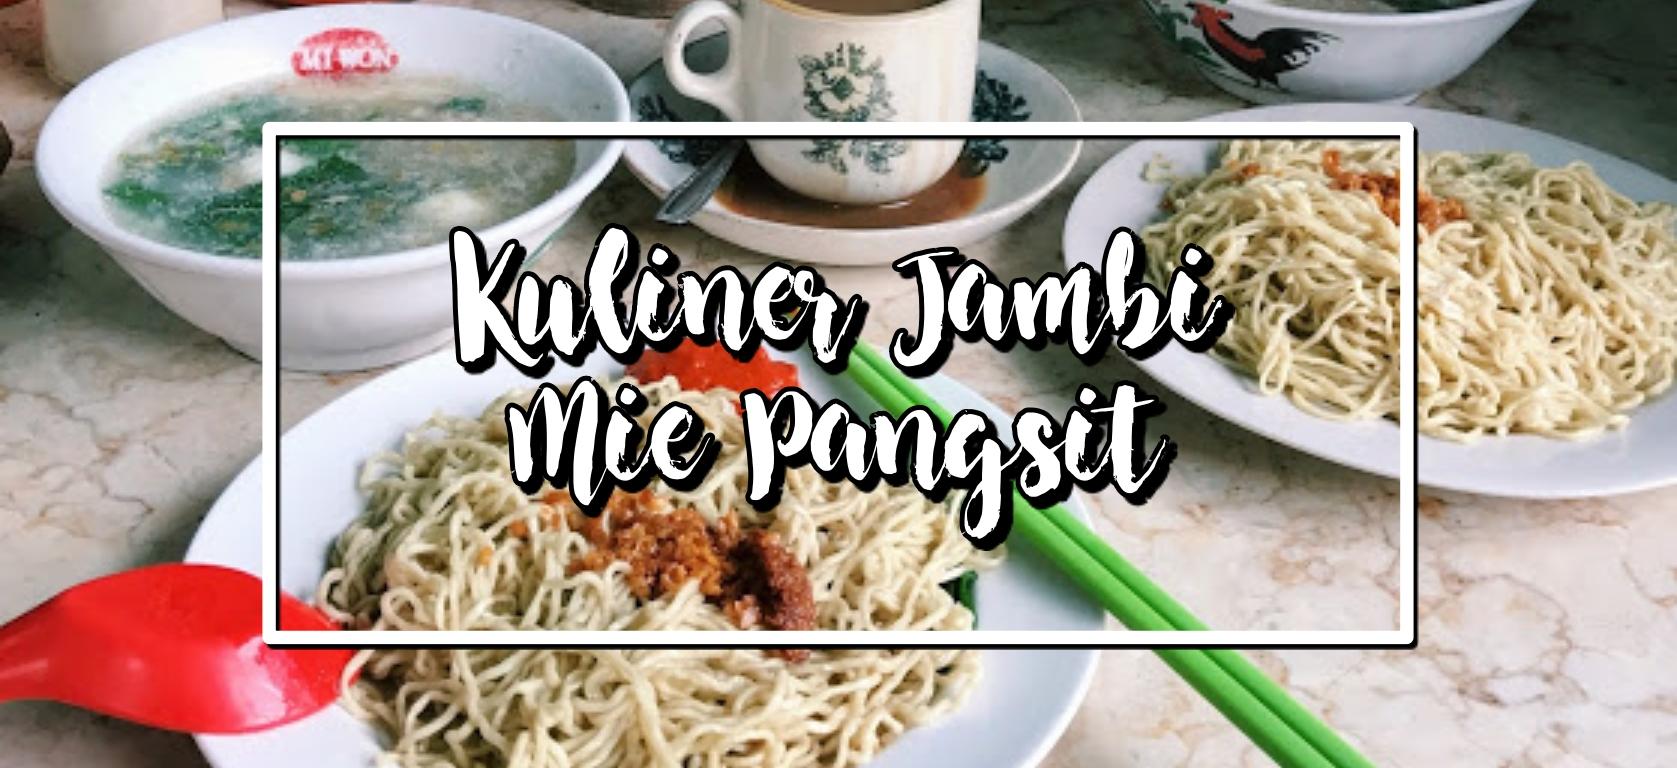 Kuliner Jambi Mie Pangsit Enak Sharon Loh Bali Kota